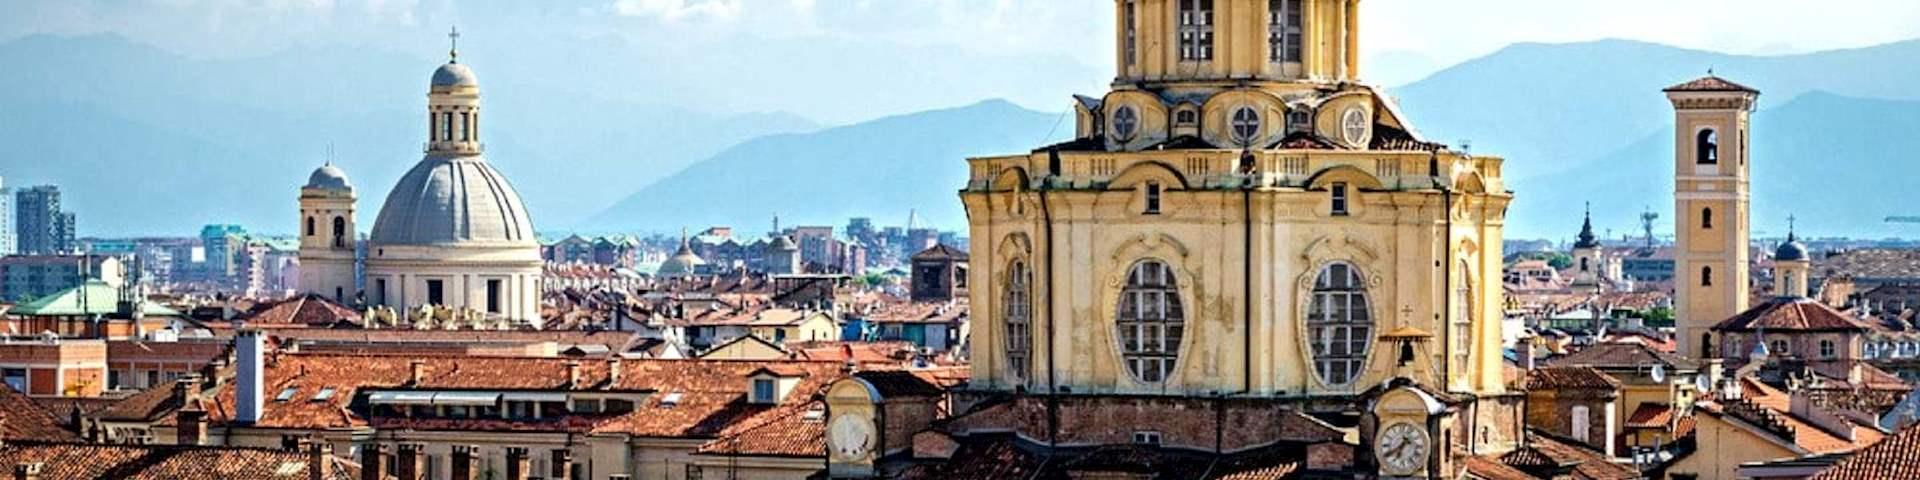 Turin Tours